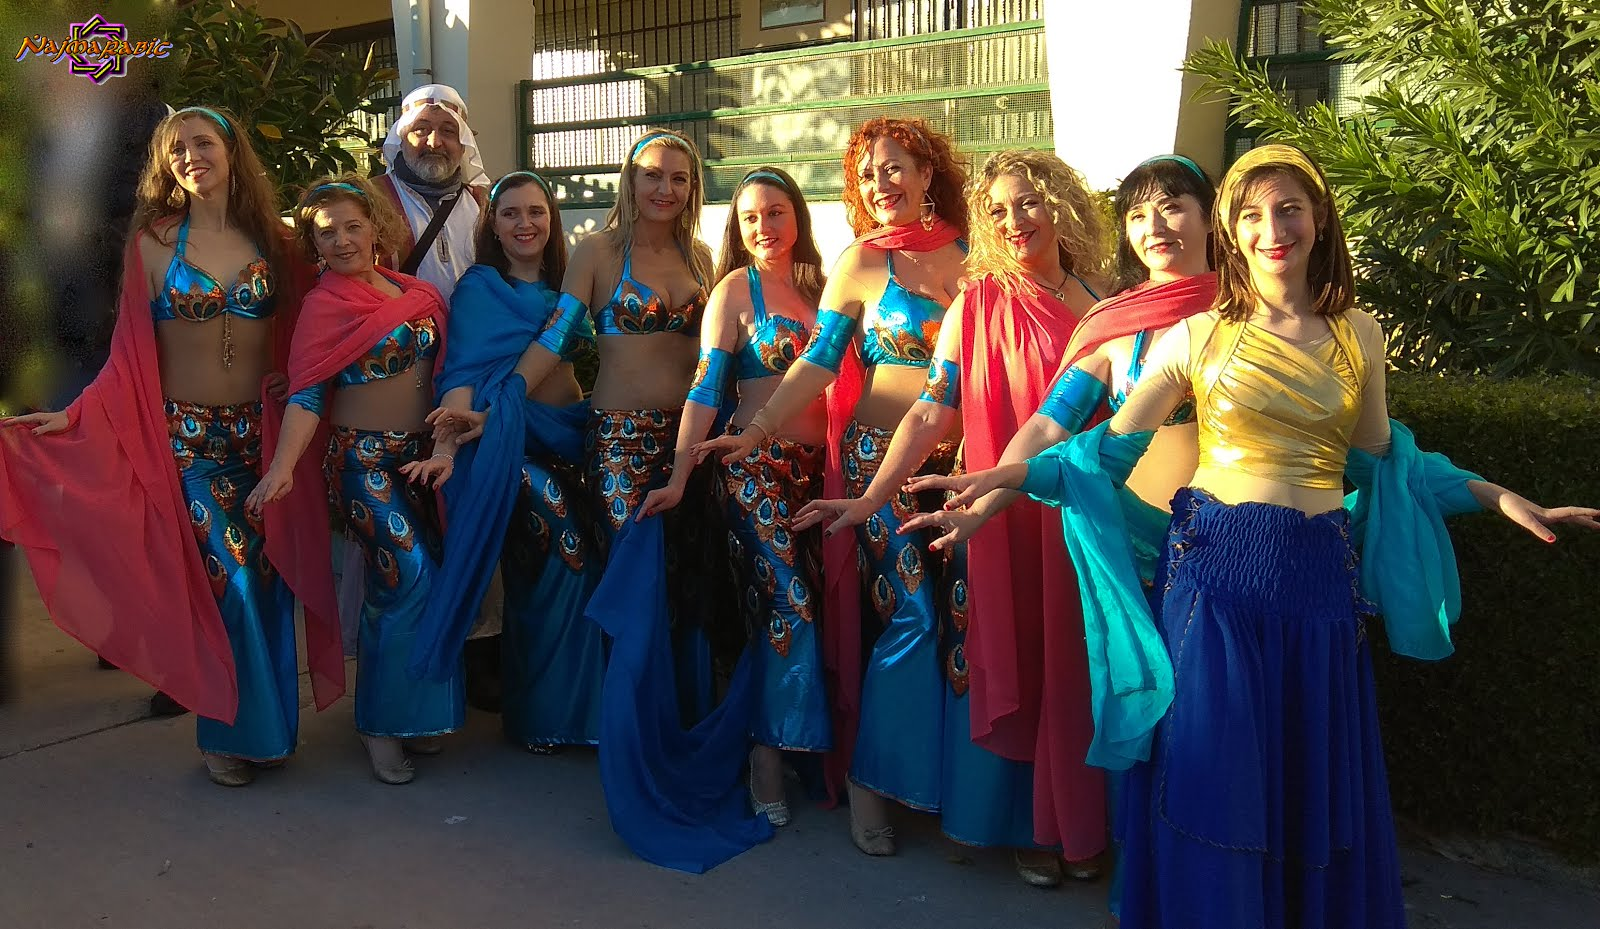 Najmarabic en Cabalgata de Reyes de El Palo 2018